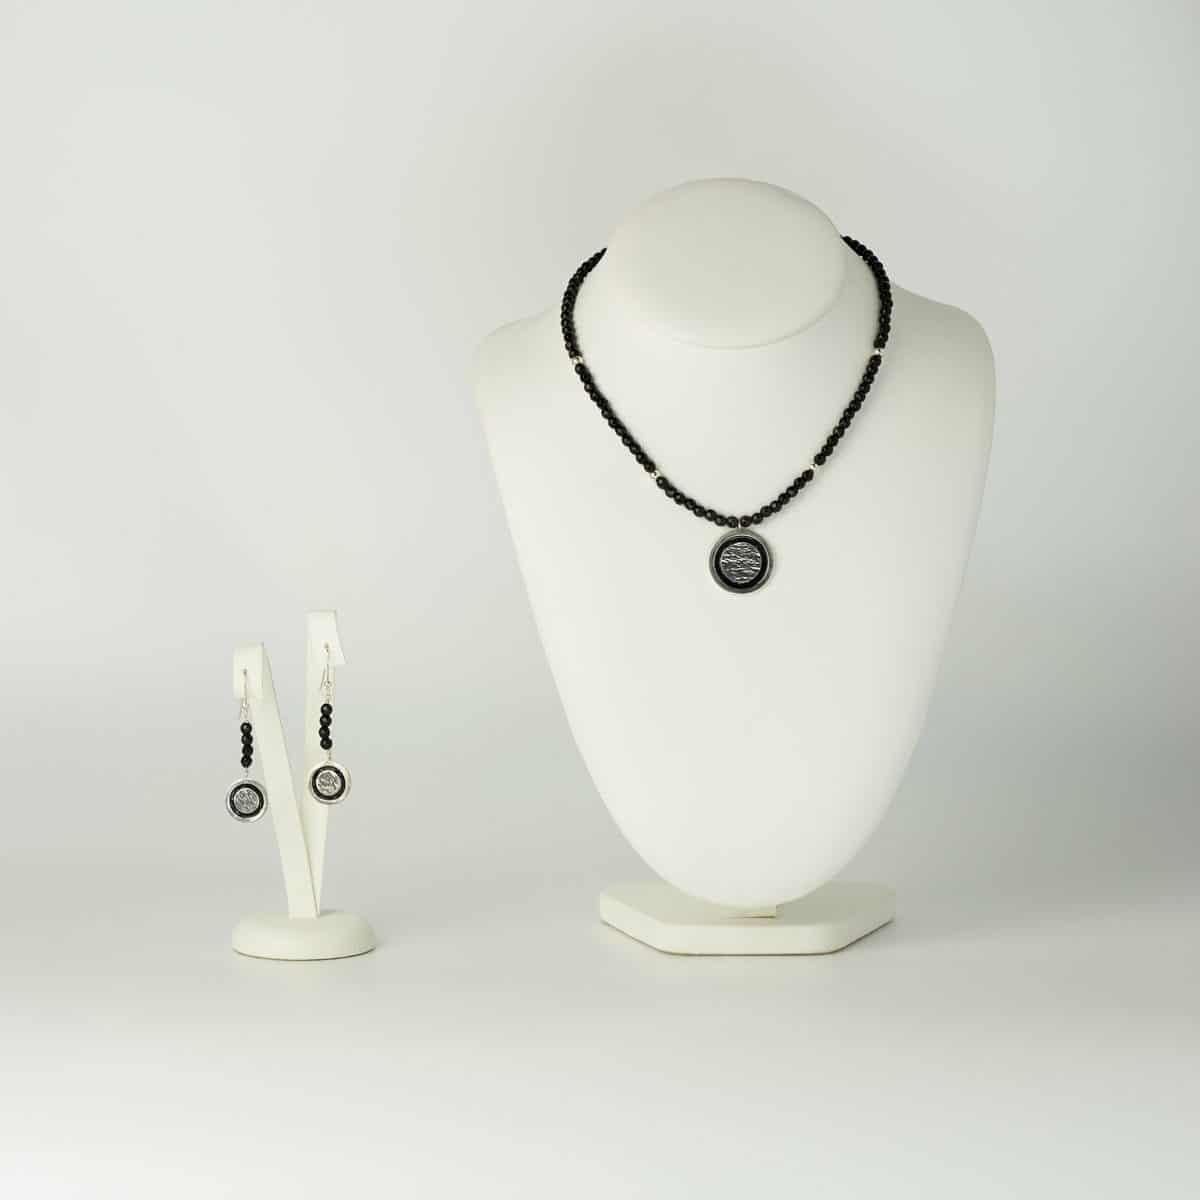 Conjunto de plata diseño modelo Lúa, joyería de diseño en plata con esmalte al fuego, Joyas Siliva